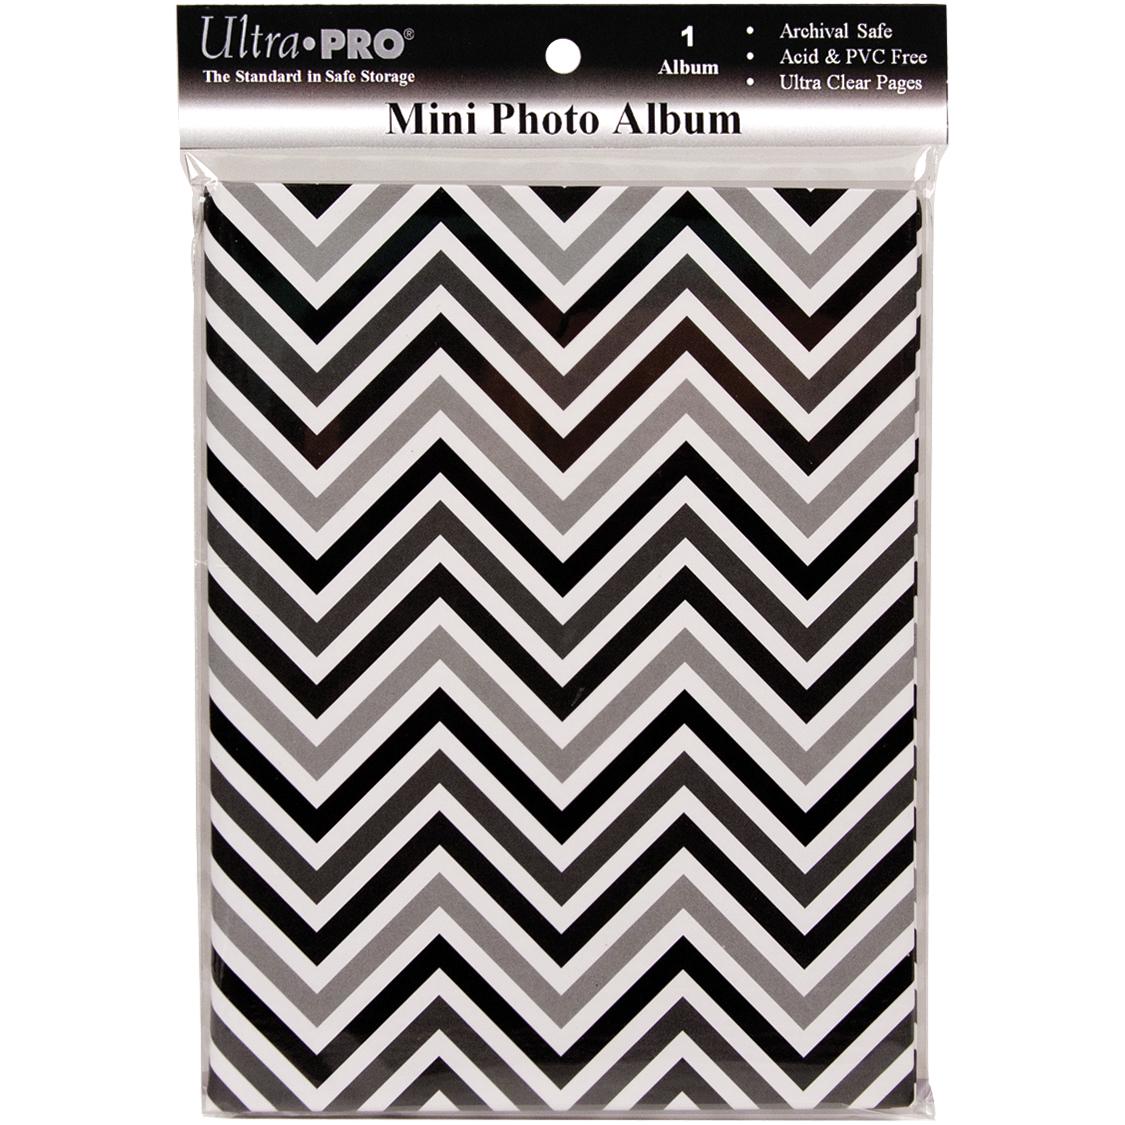 Ultra Pro Mini Photo Album 4X6 -Chevron Black & White